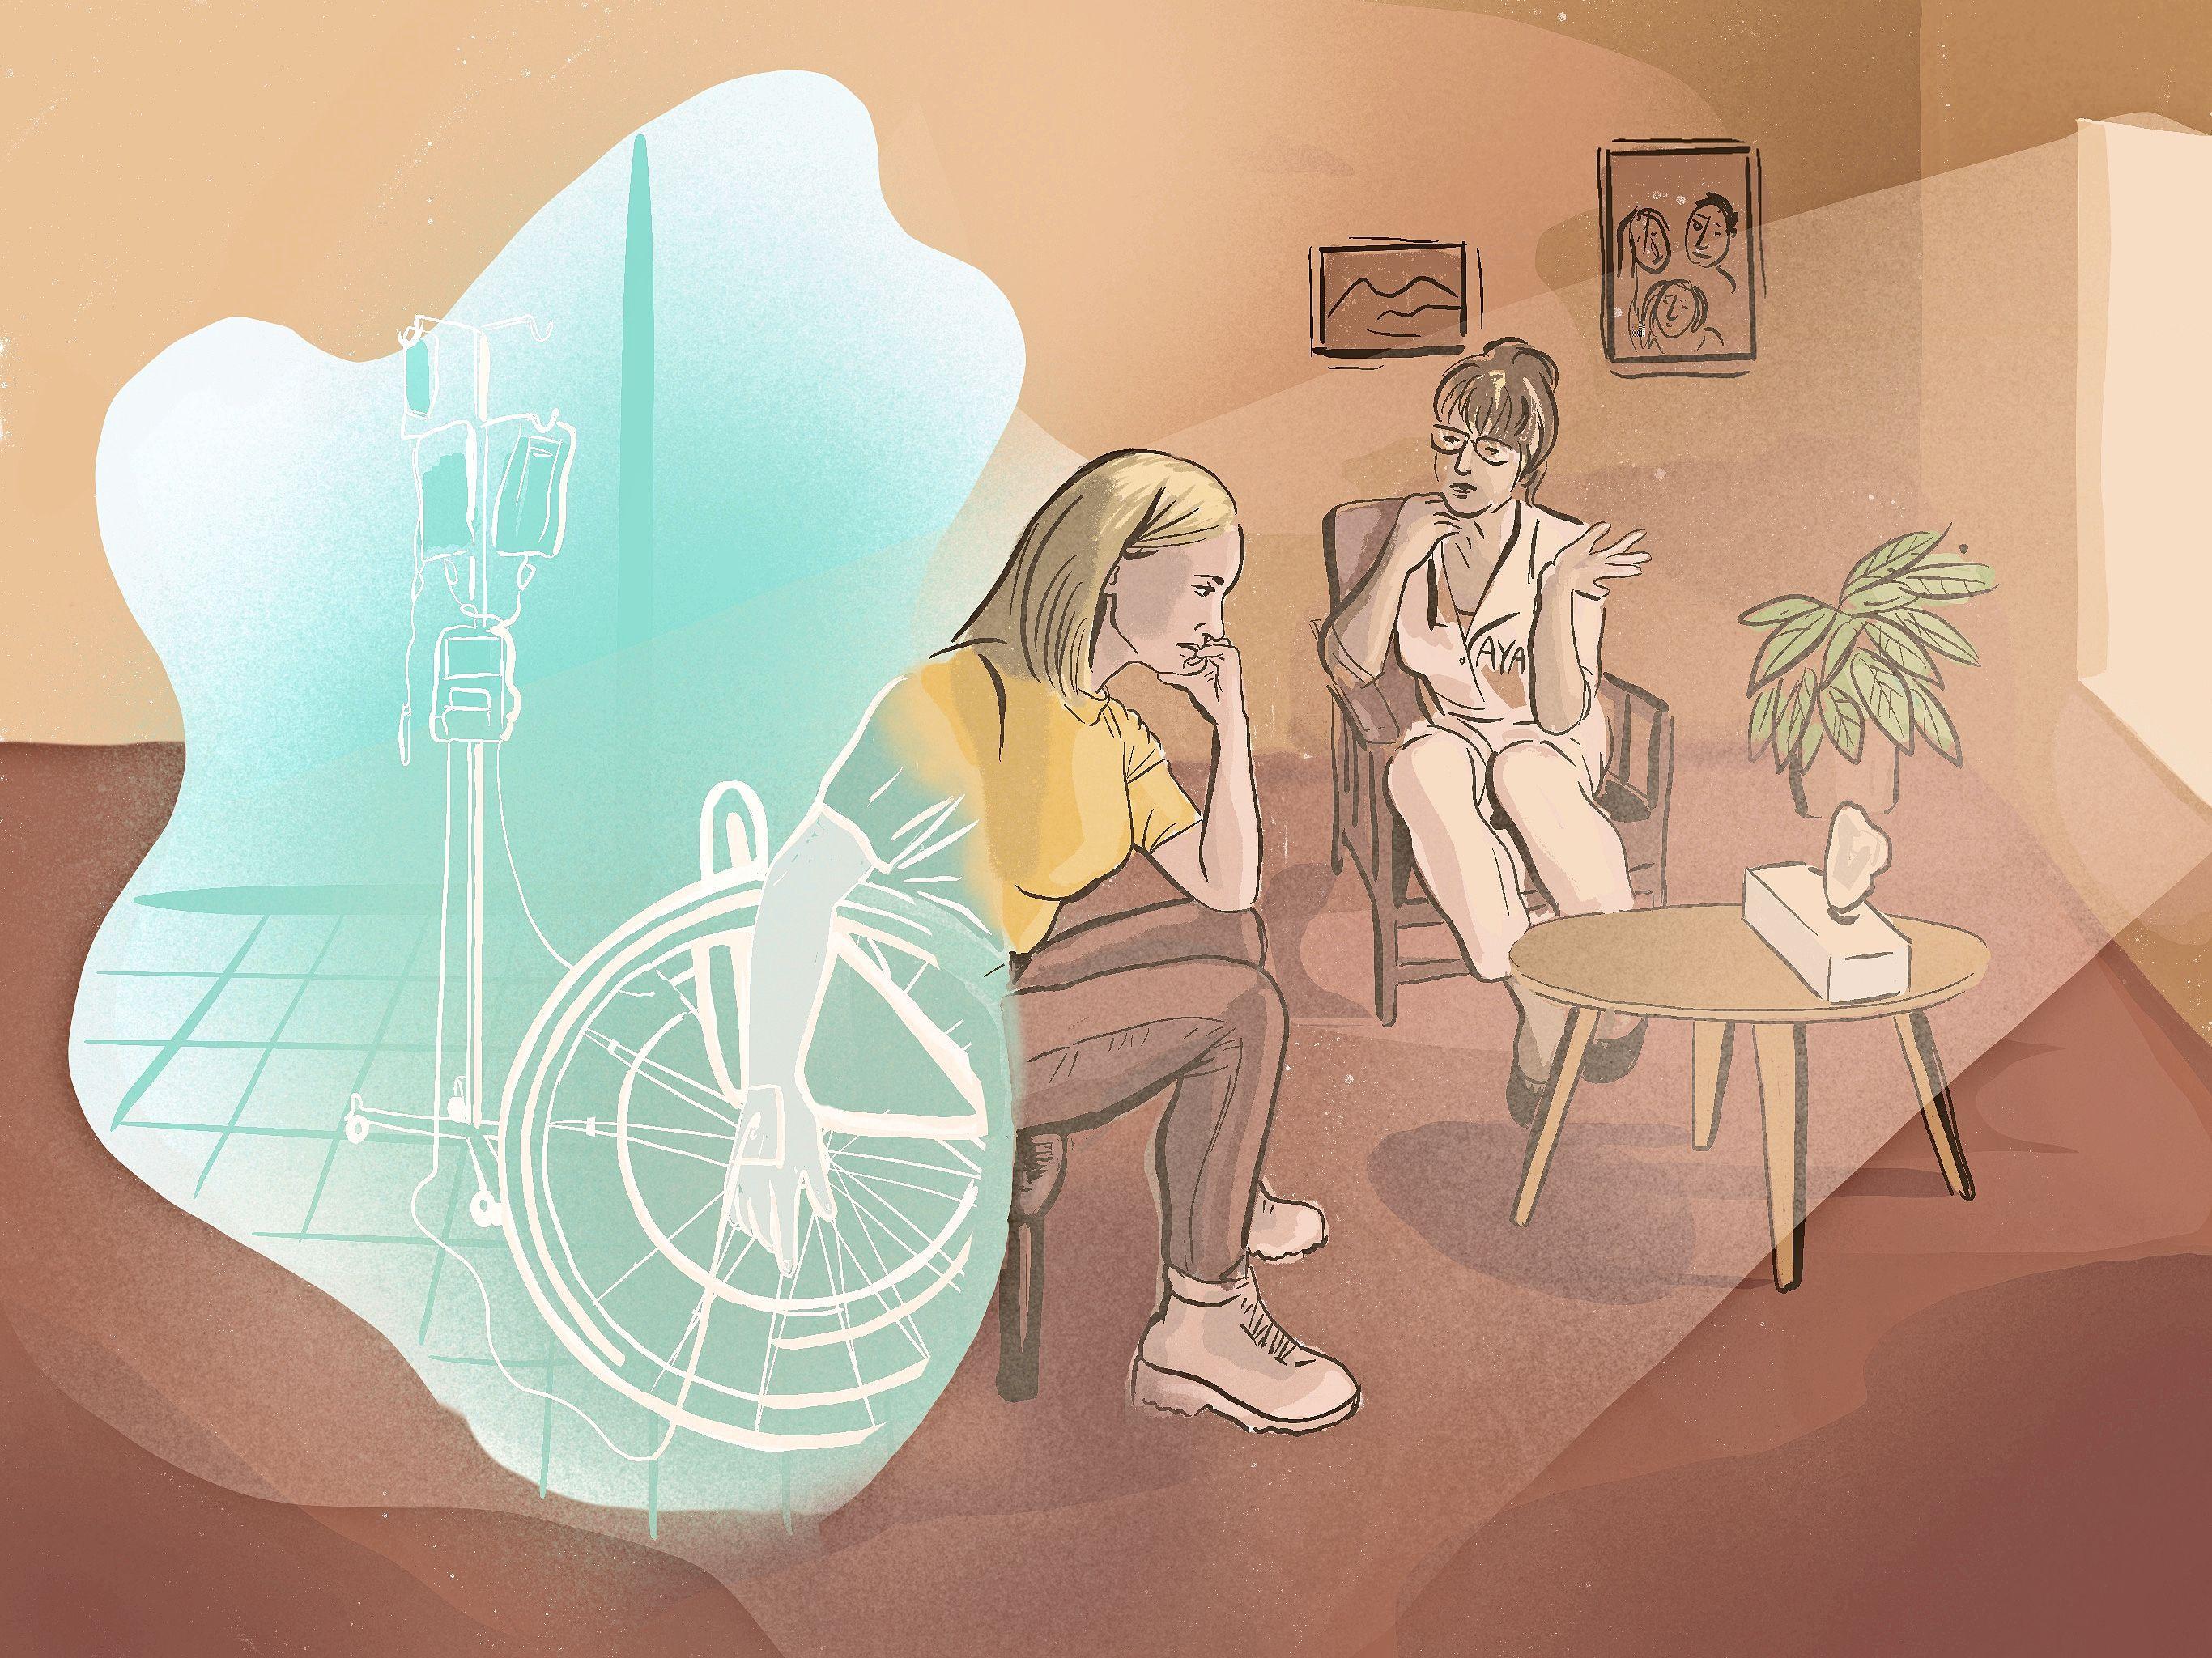 'Mijn toekomst viel in duigen, daar was geen aandacht voor': Specialistische zorg voor jonge mensen met kanker brengt daar verandering in